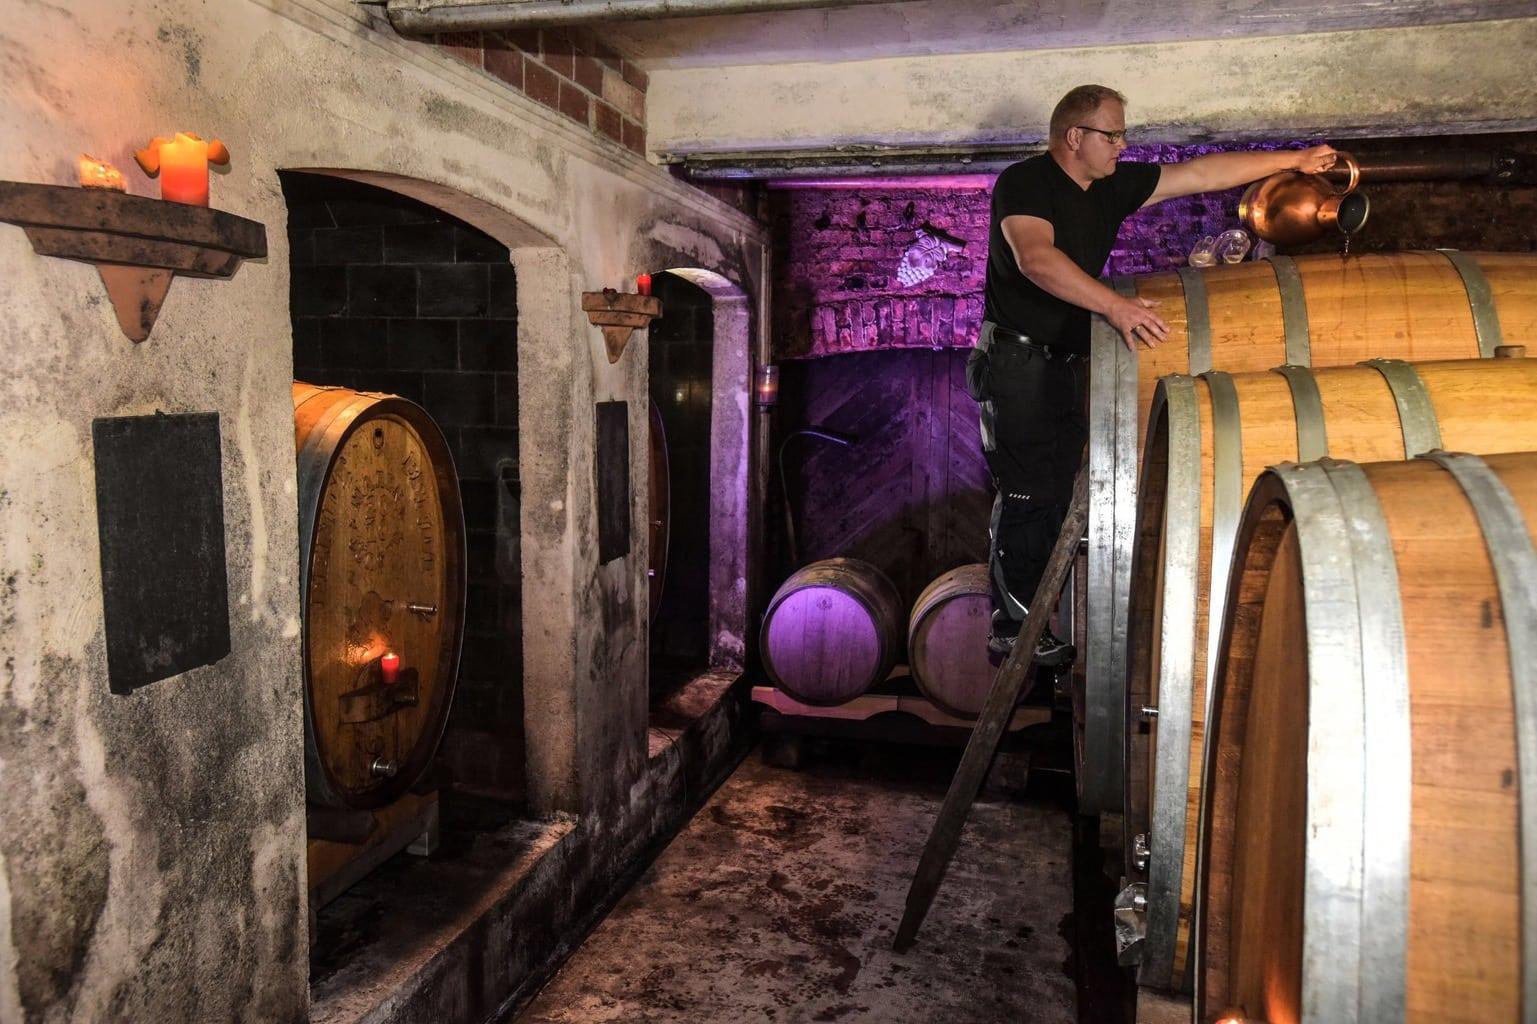 Wijnmaker kijkt bovenop eijnvaten bij Weingut Maier in Baden-Württemberg